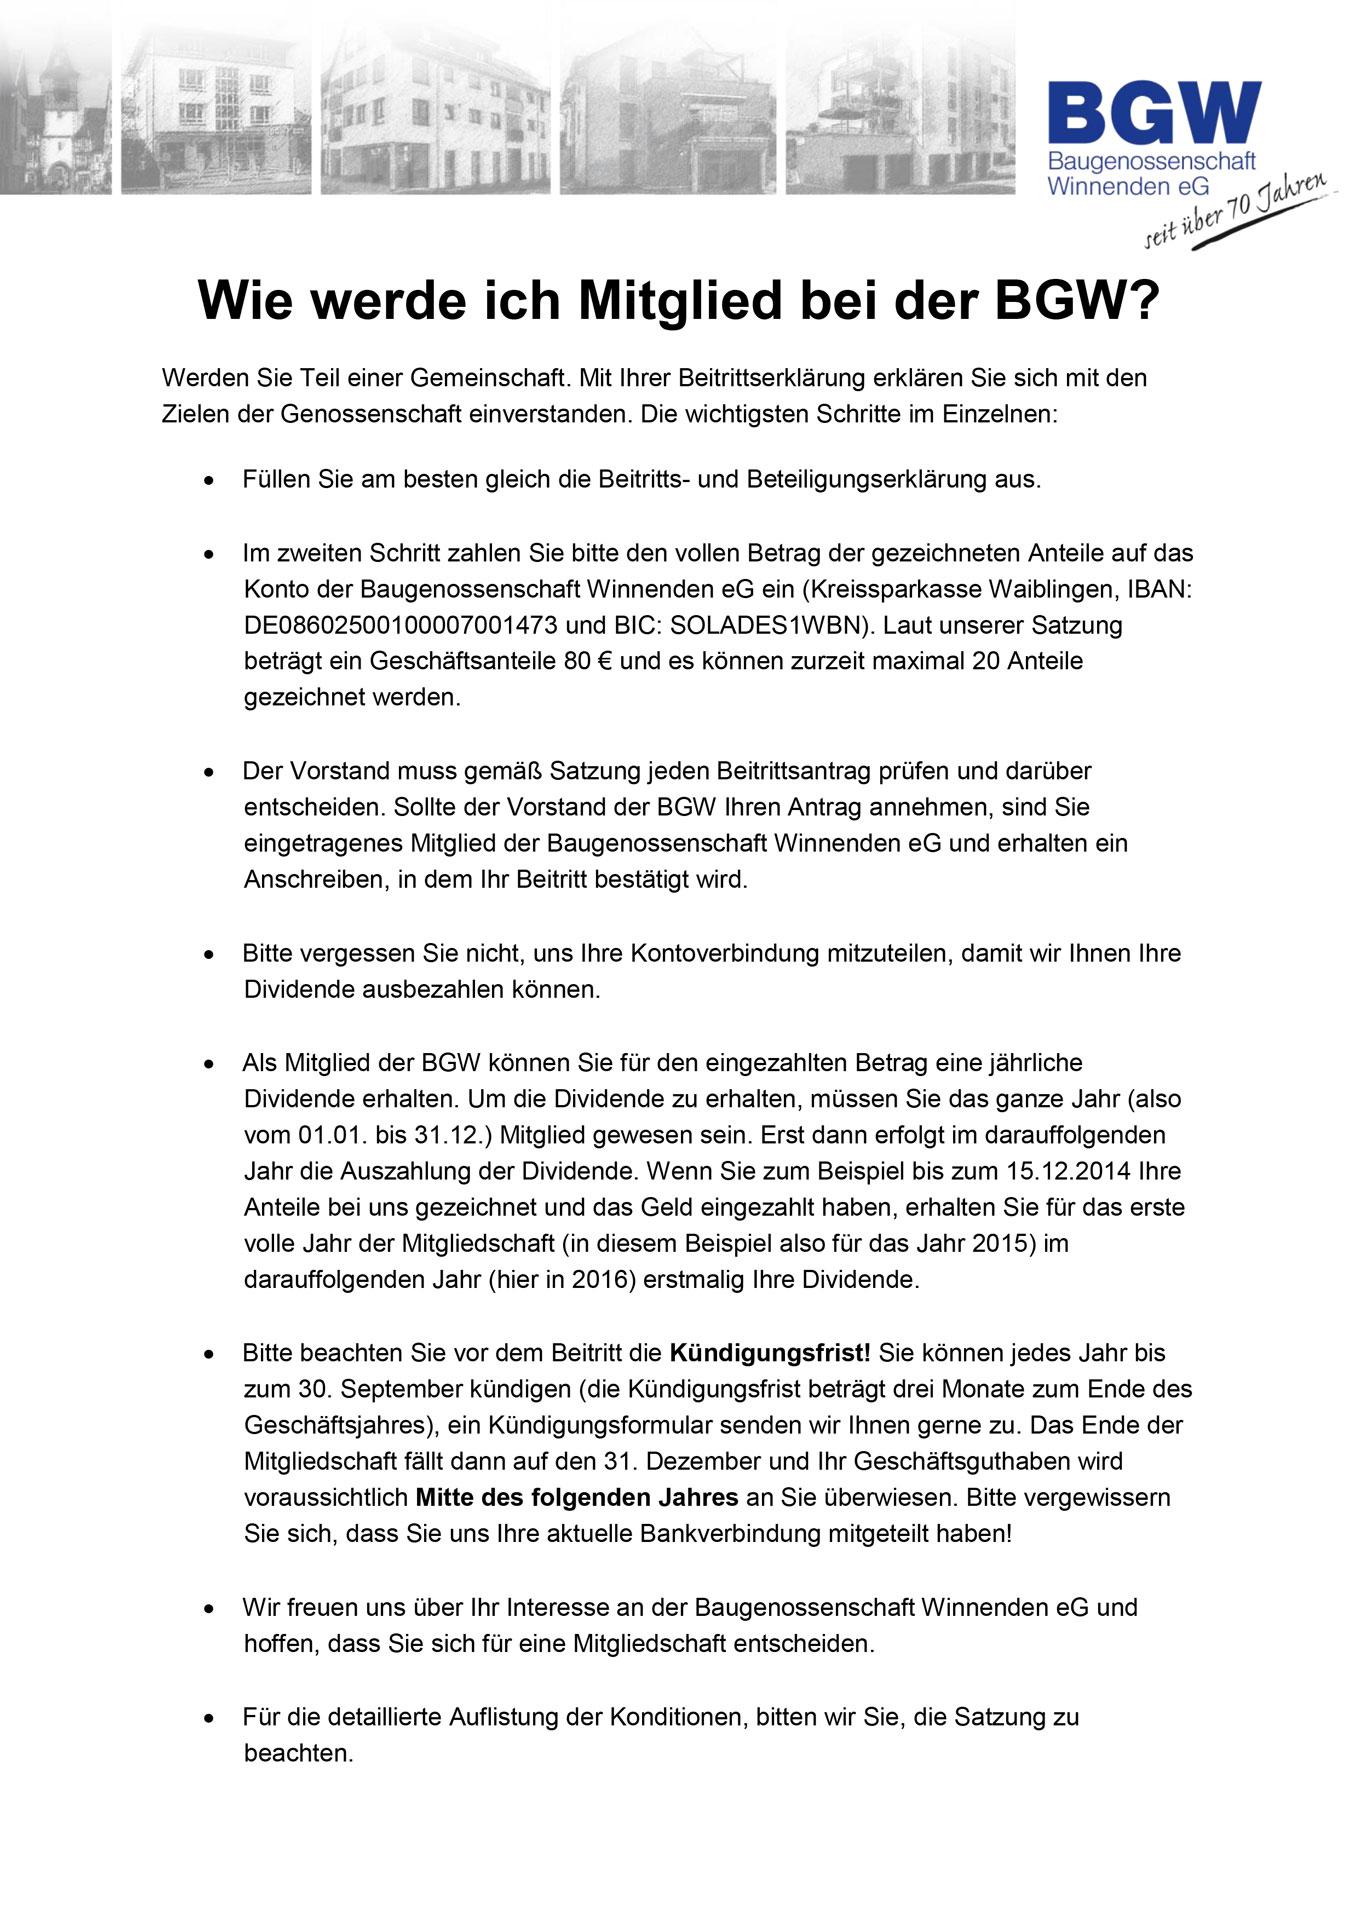 Bild Merkblatt - Infos